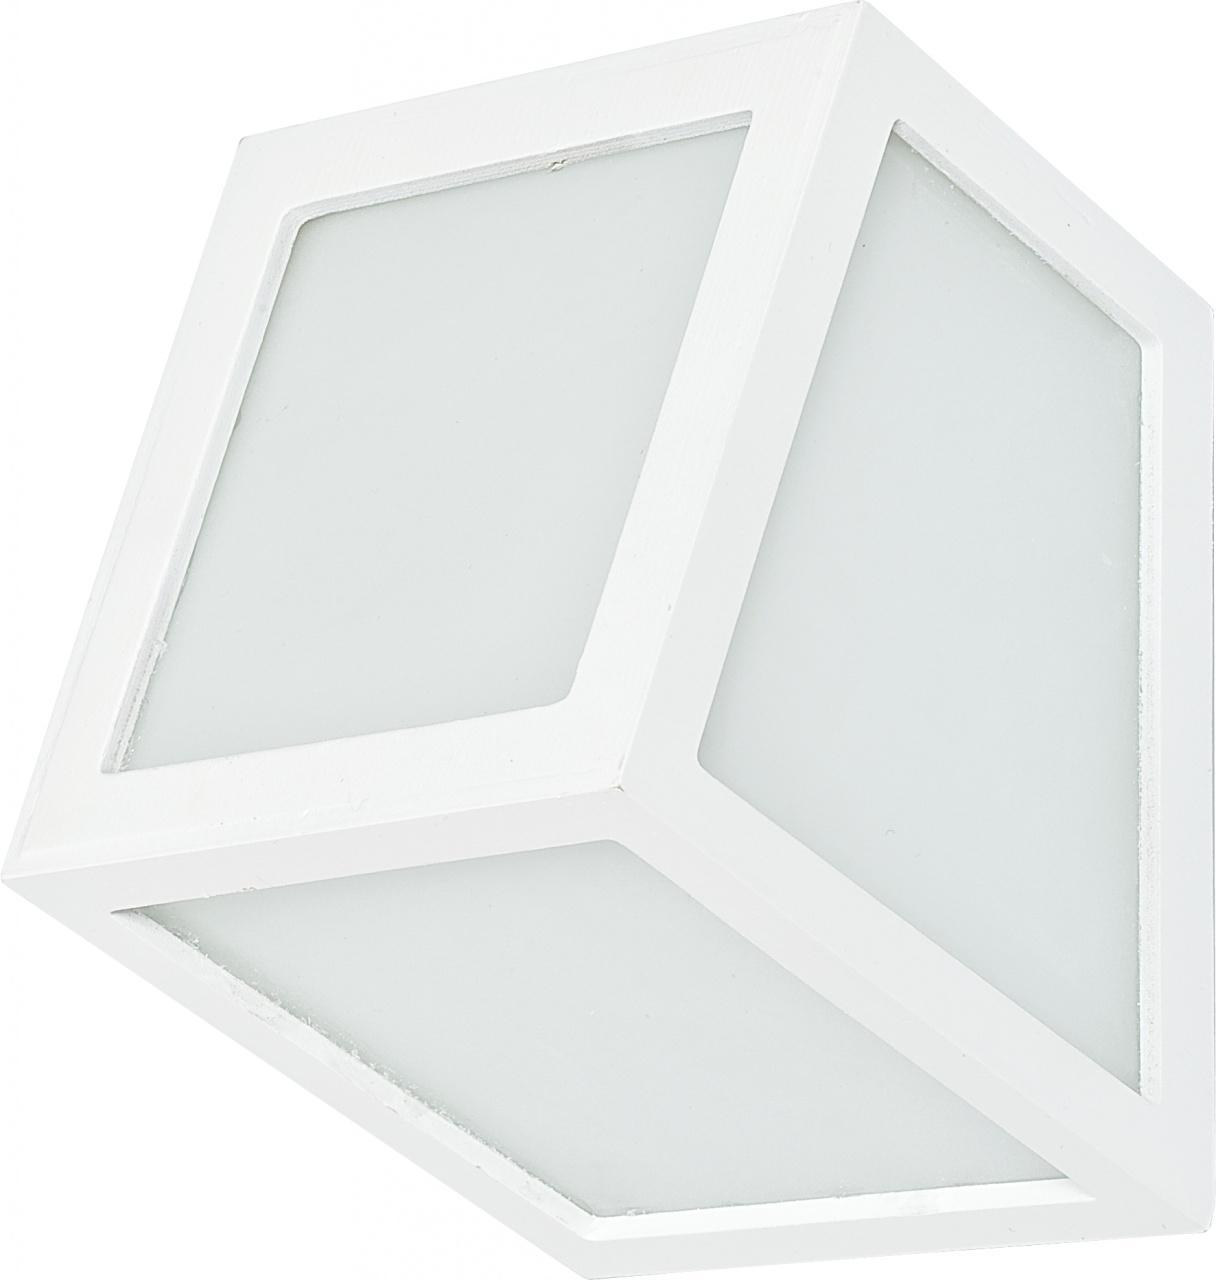 Настенный светильник Nowodvorski Ver 5330 настенный светодиодный светильник nowodvorski fraser 6945